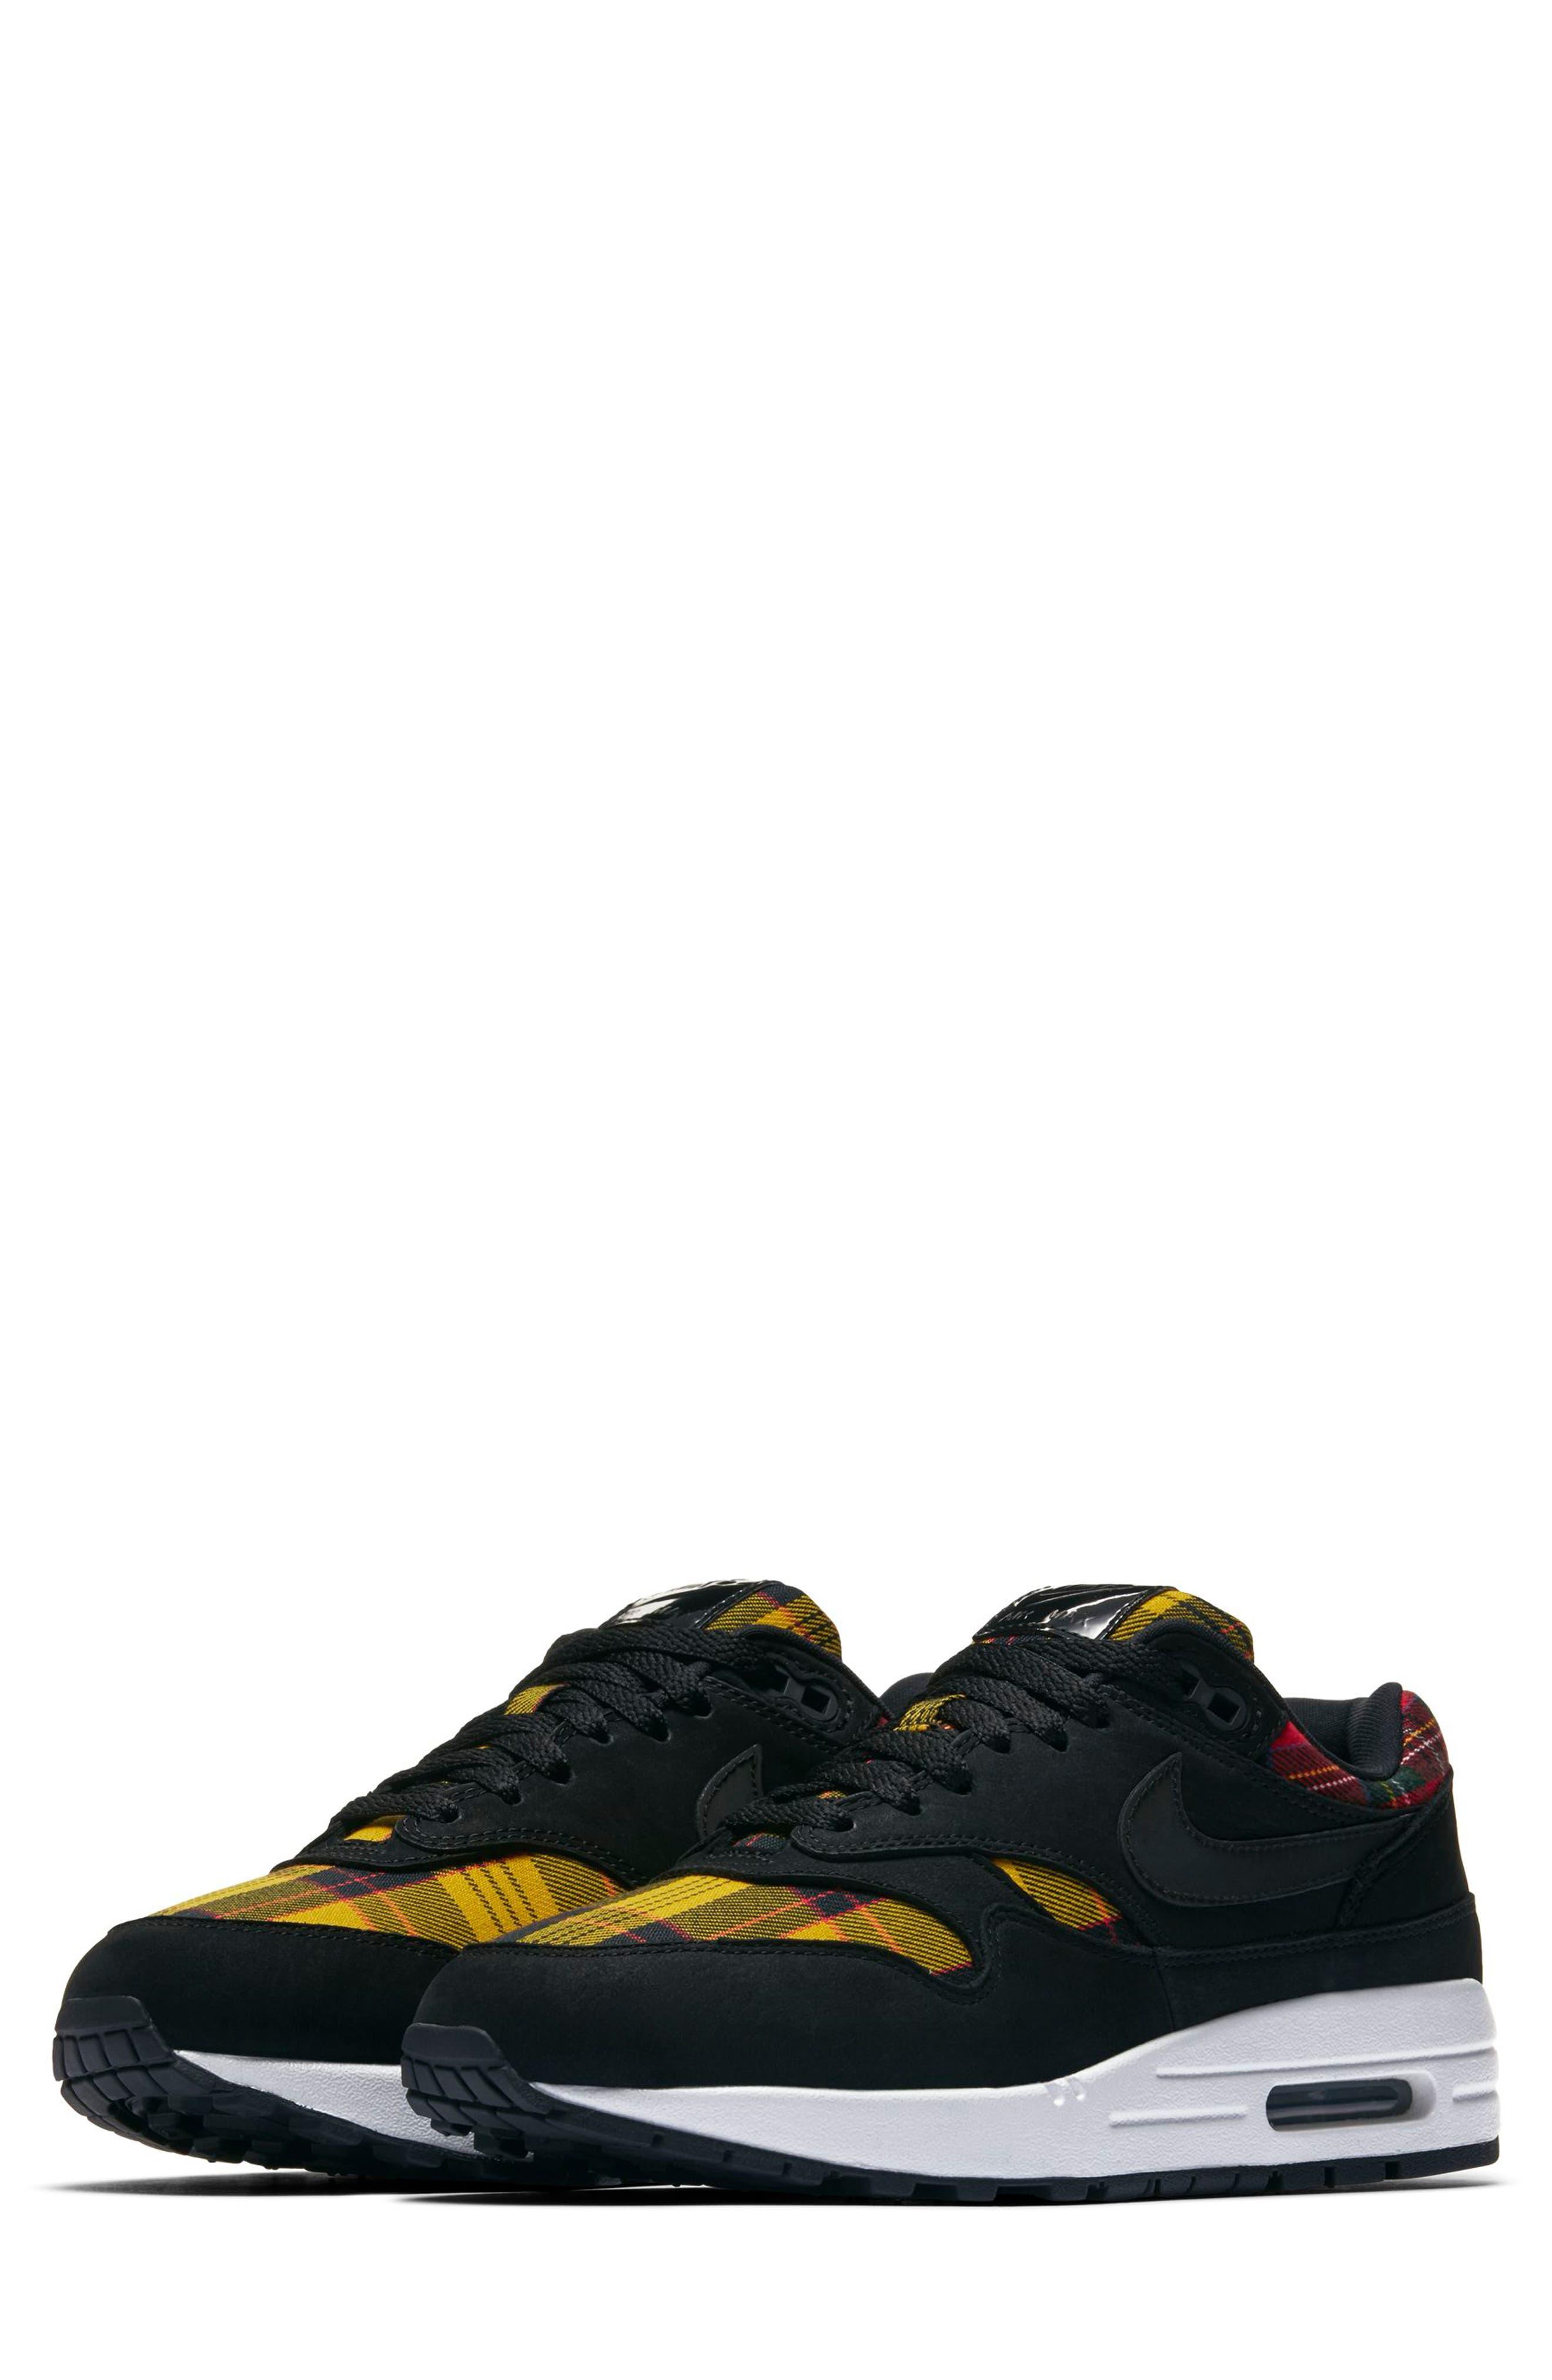 Air Max 1 SE Sneaker, Main, color, BLACK/ BLACK/ UNIVERSITY RED